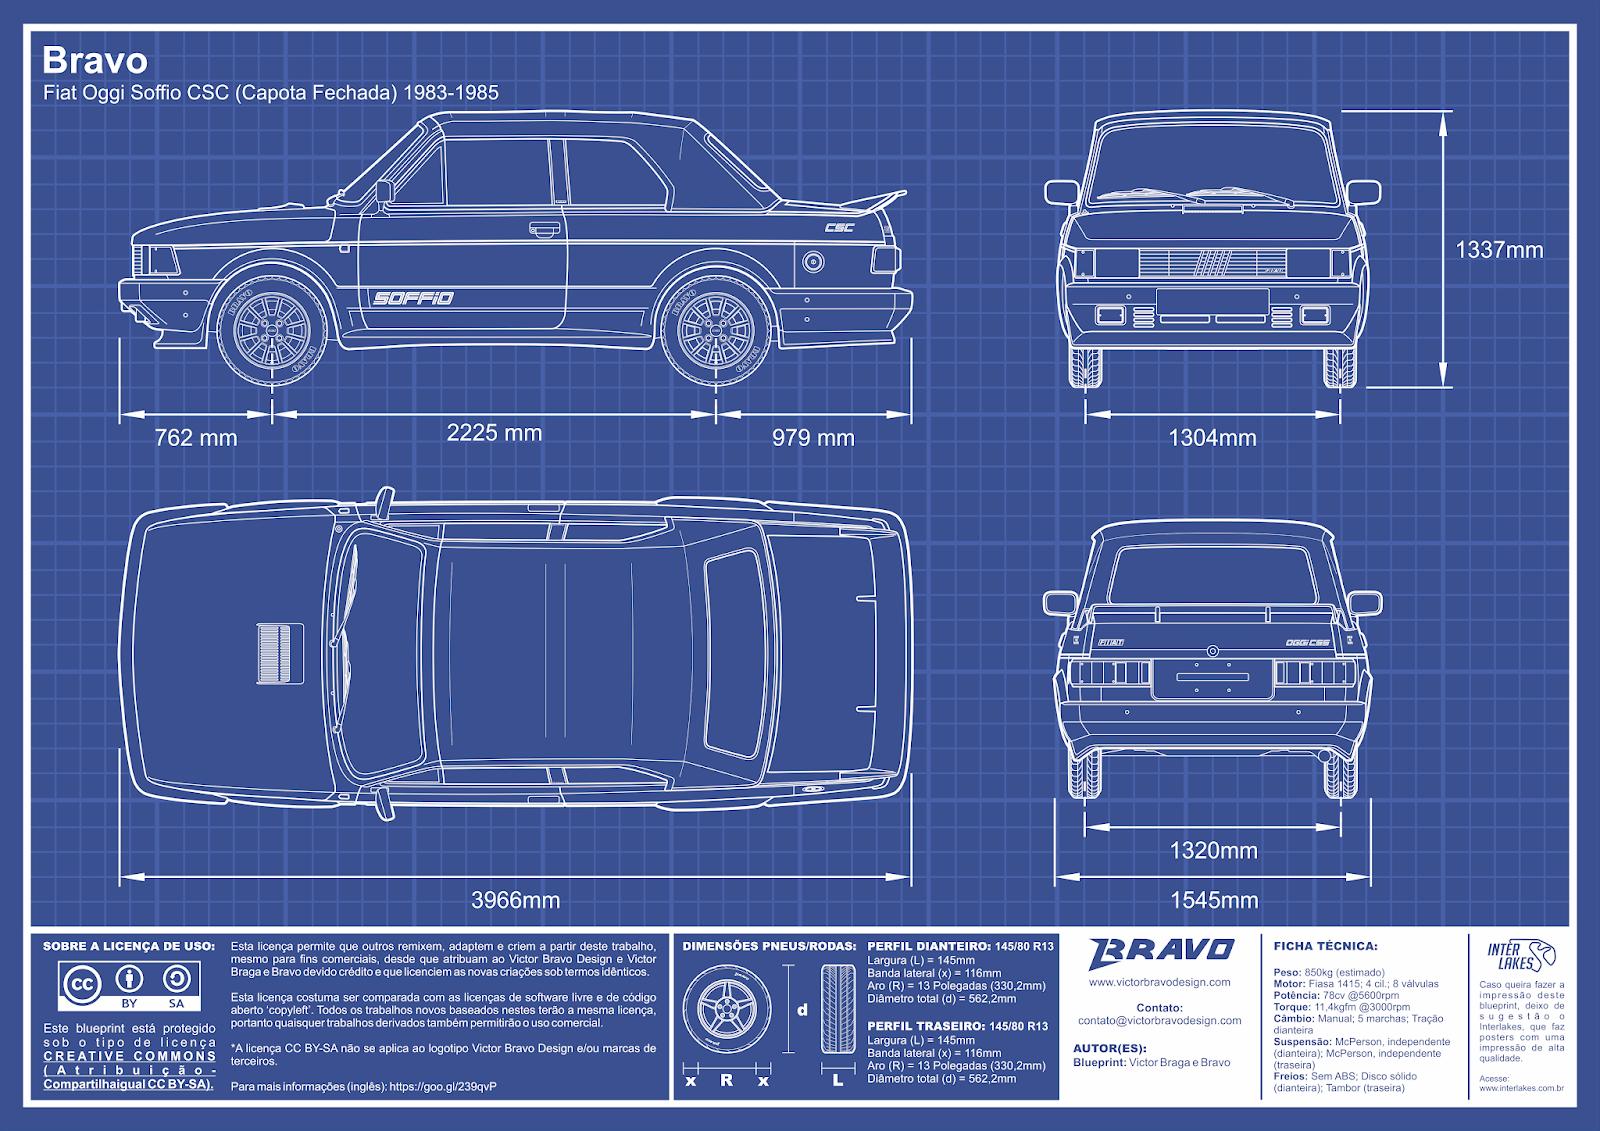 Imagem mostrando o desenho do blueprint do Bravo Fiat Oggi Soffio CSC (Capota Fechada) 1983-1985